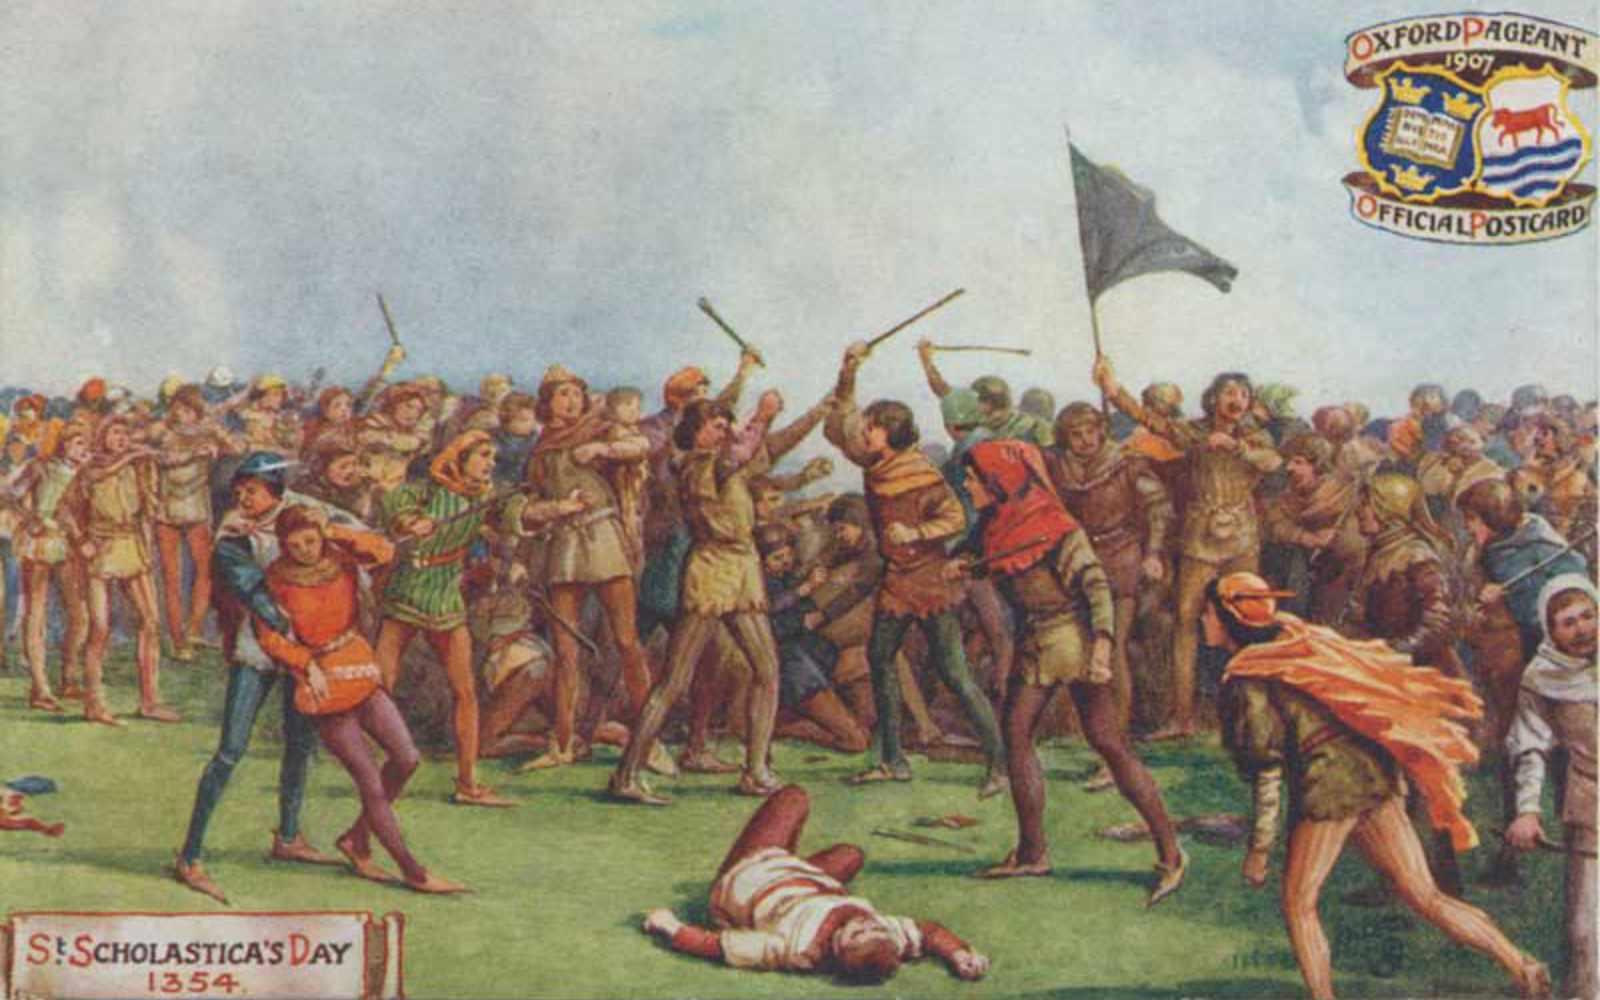 St. Scholastica's Day Riot